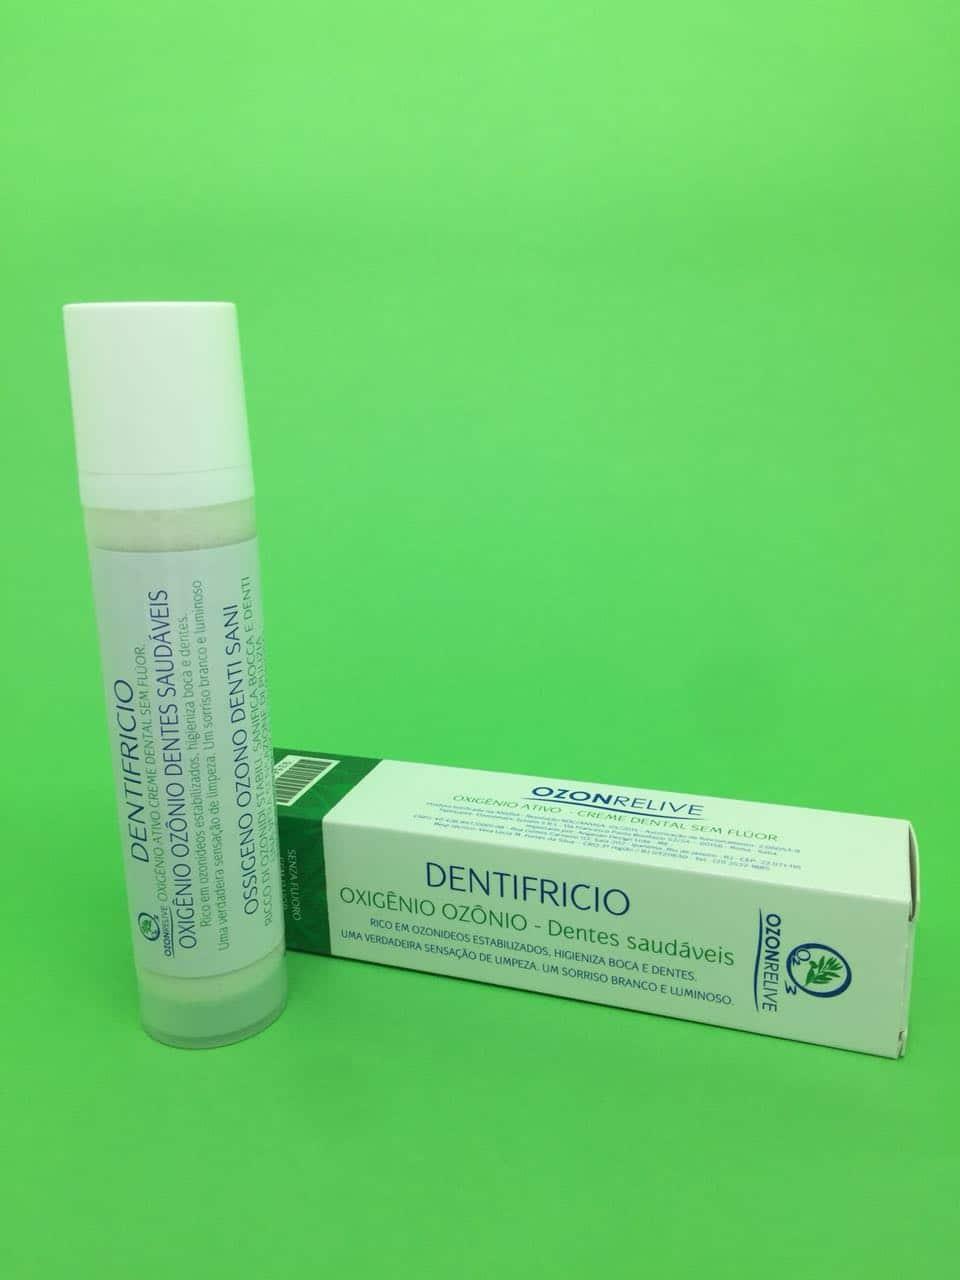 Ozonrelive Dentifricio 2b